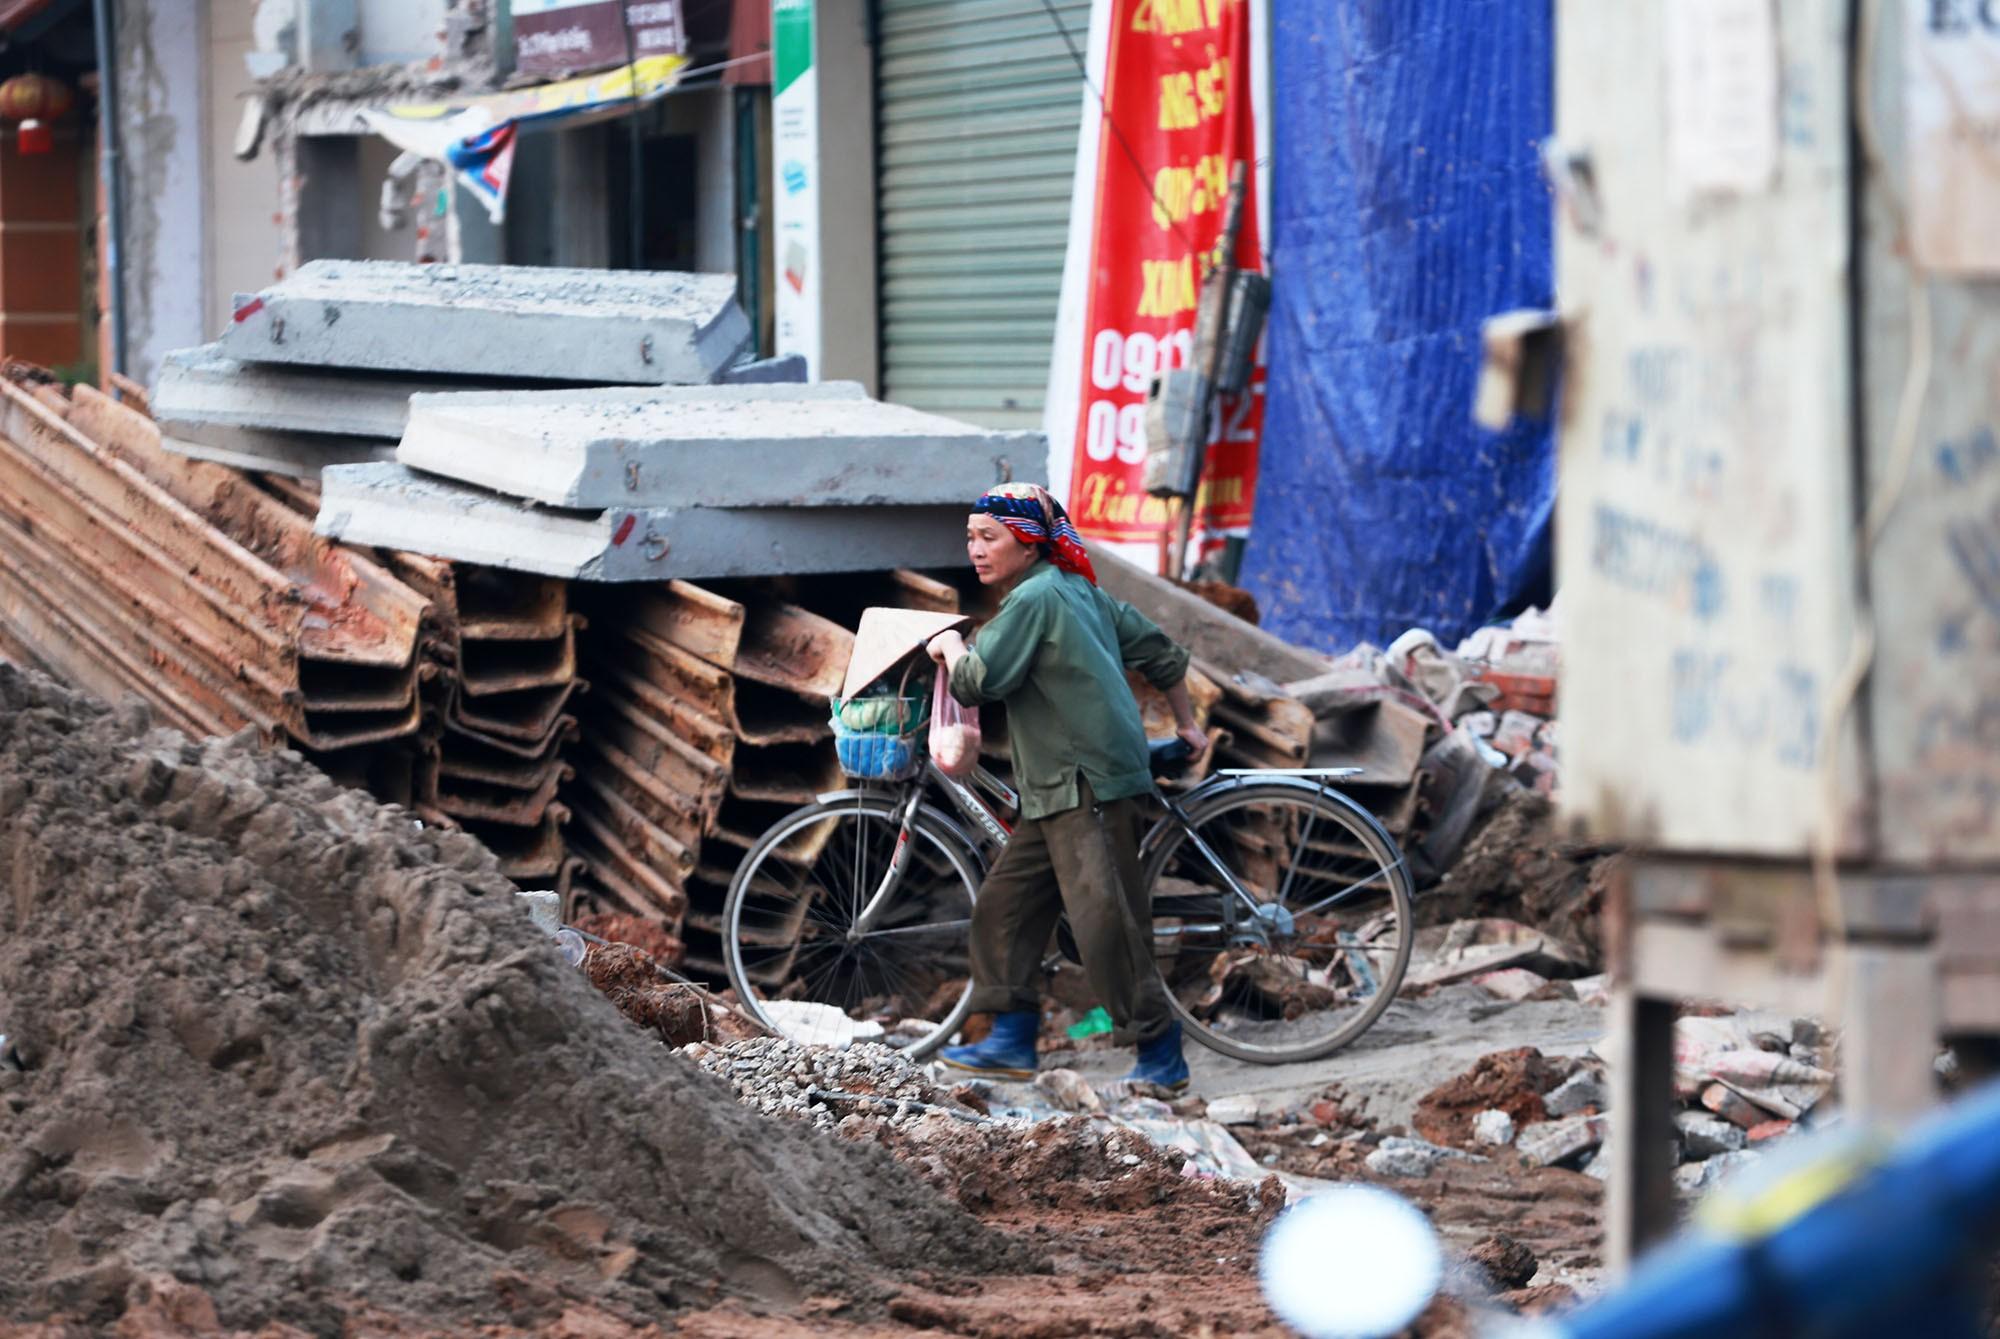 Hà Nội: Đường Phạm Văn Đồng vẫn ngổn ngang hơn 1 năm thi công dự án cao tốc trên cao - Ảnh 12.